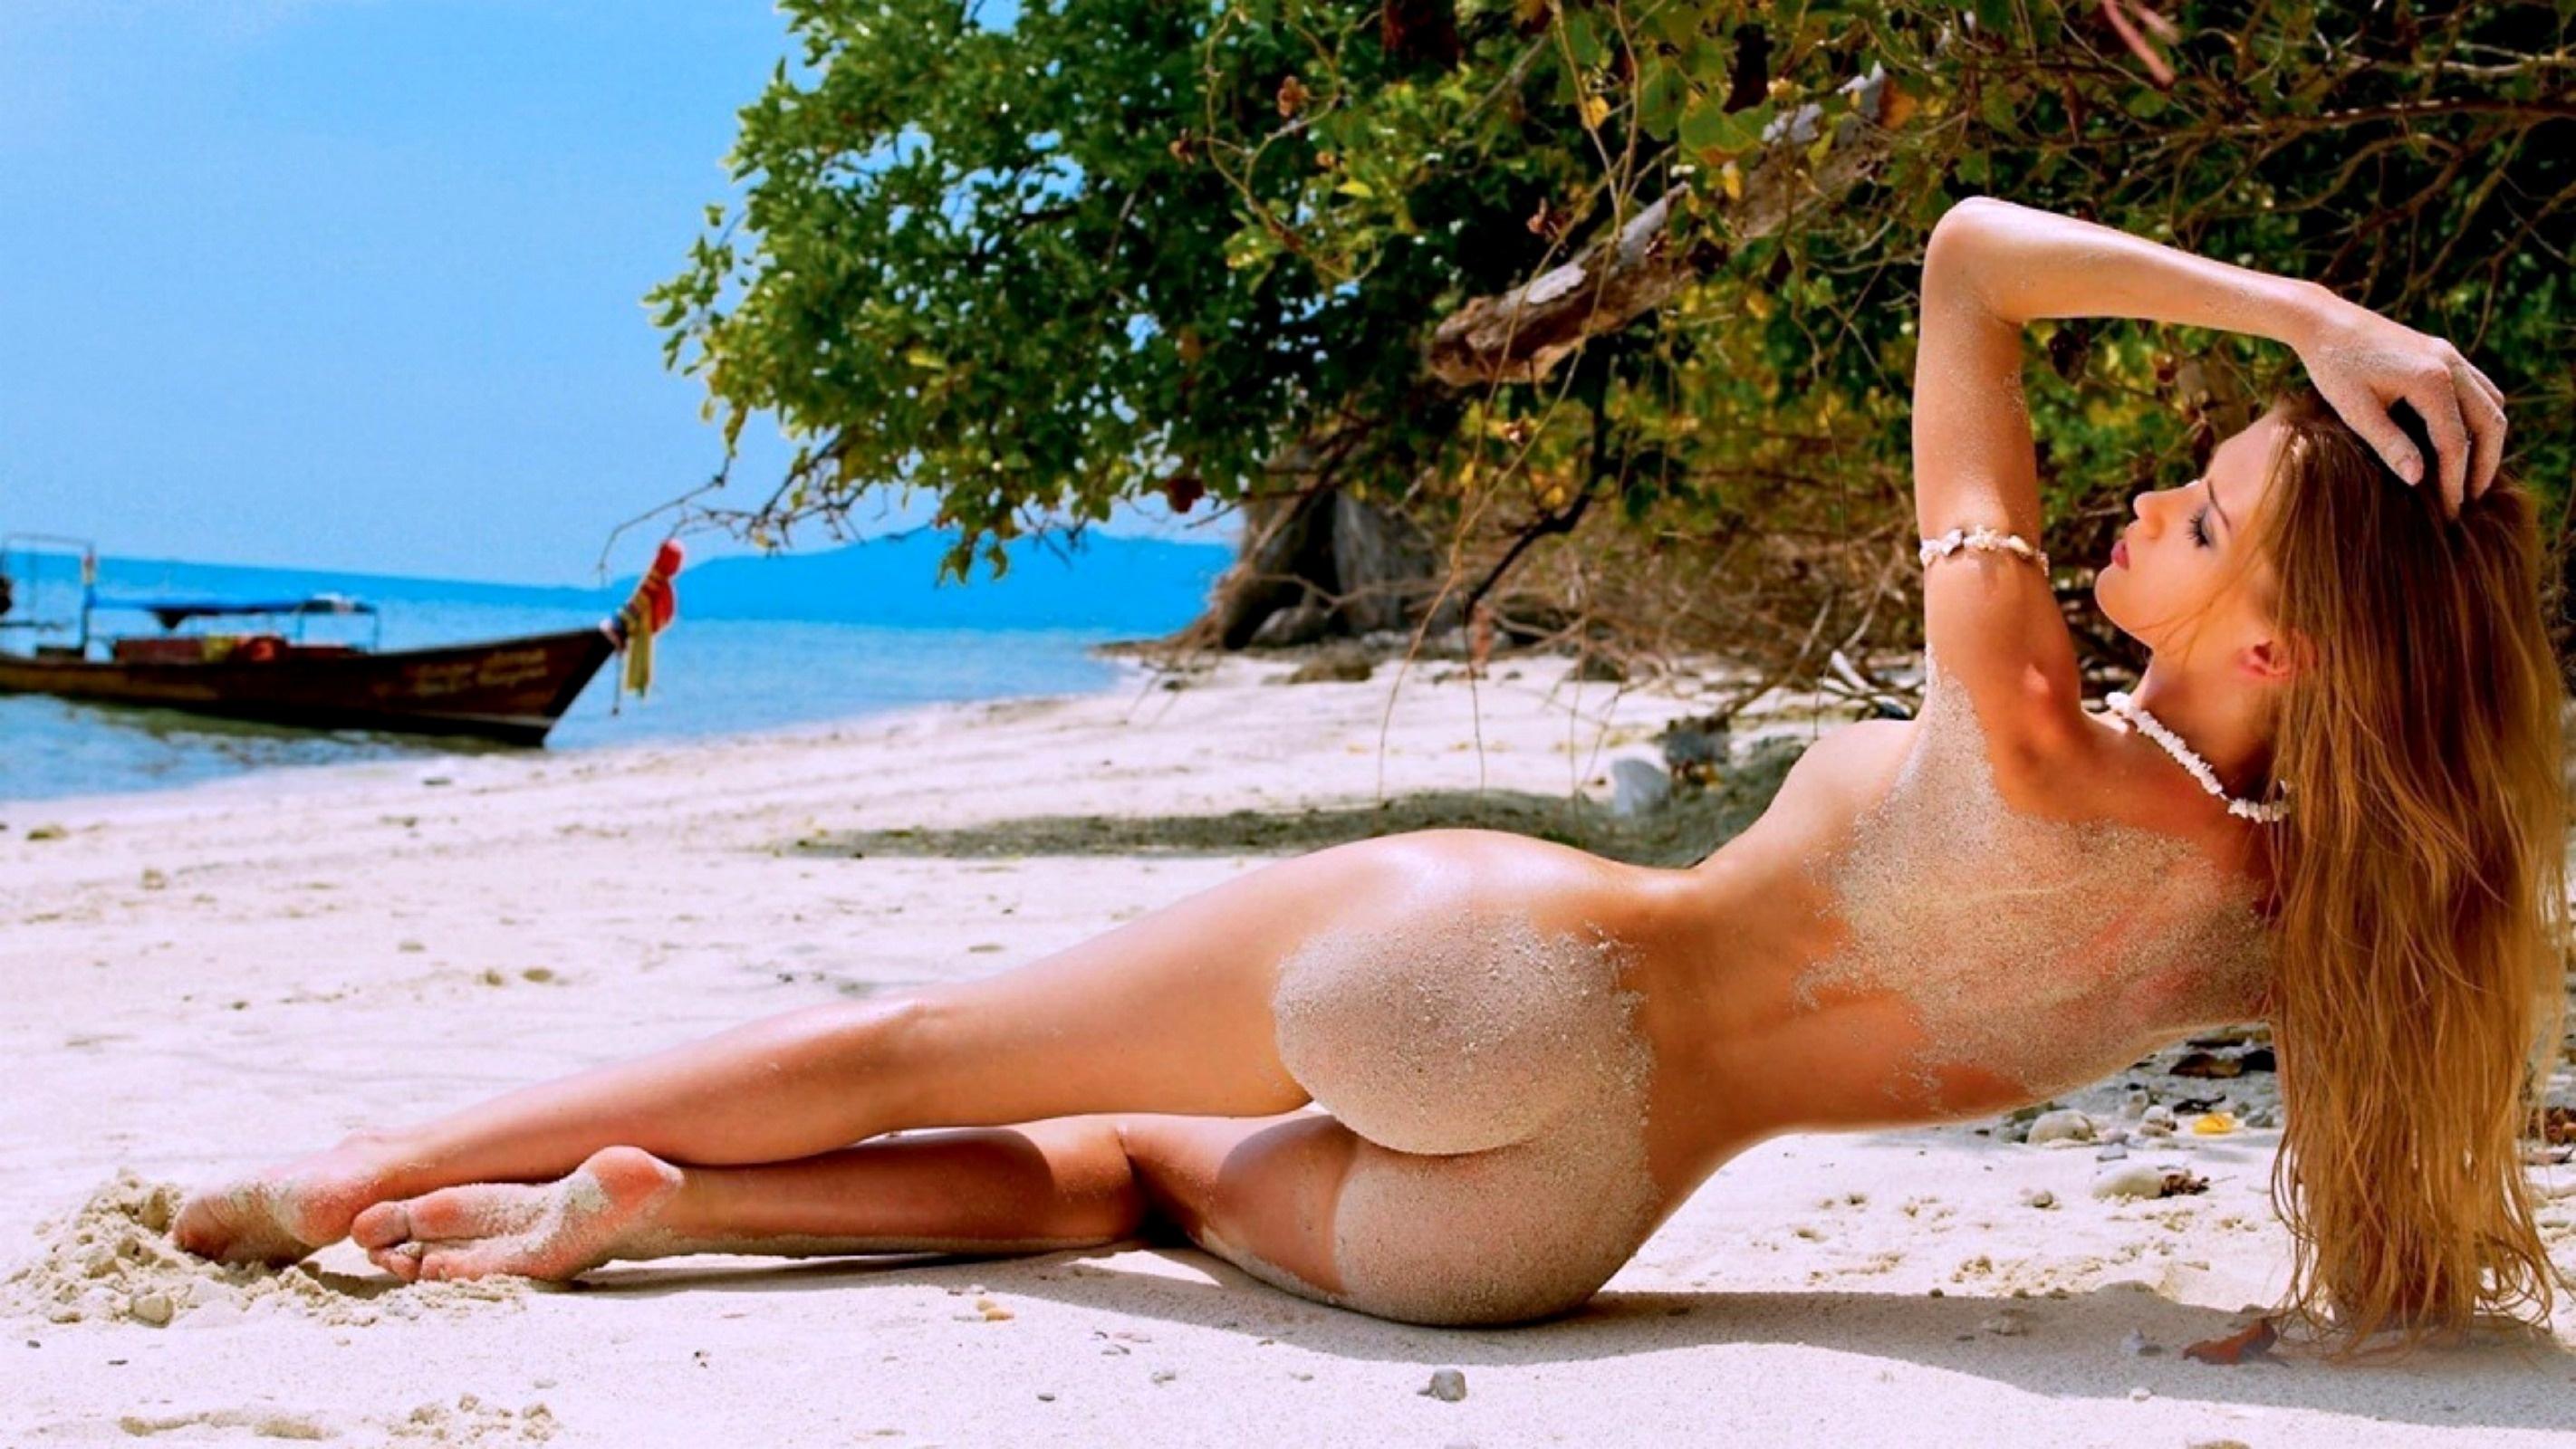 Голые Девушки На Пляже Обои